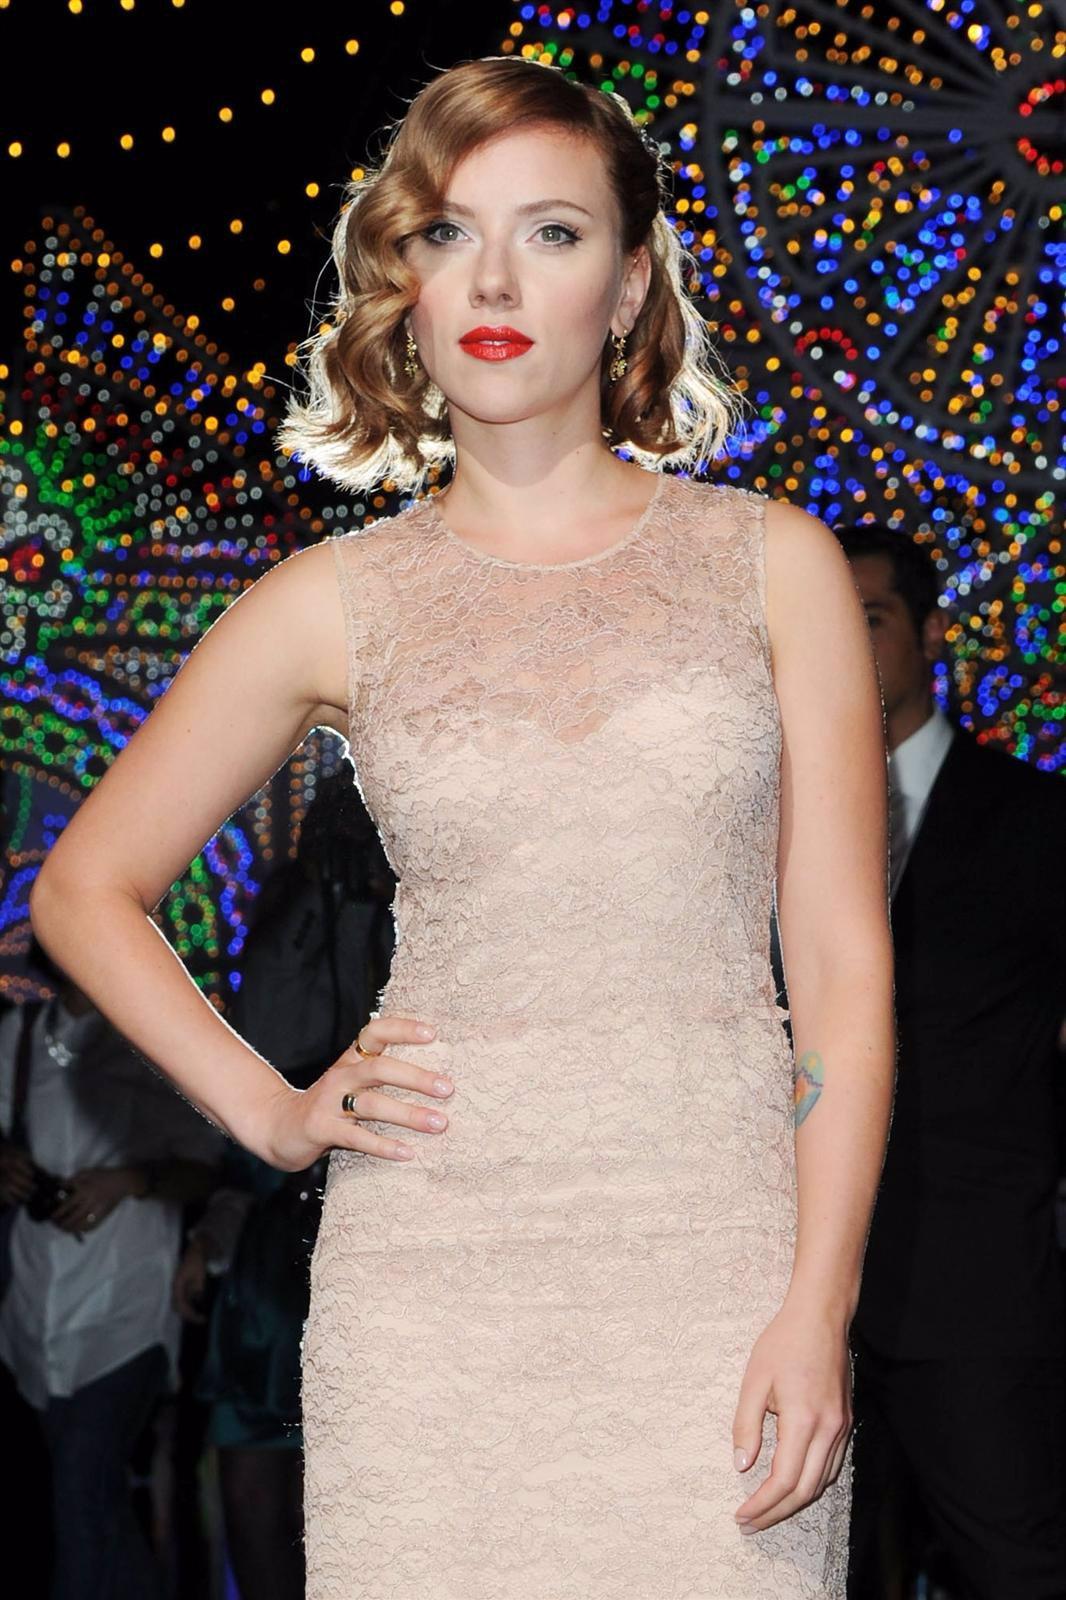 Scarlett Johansson En La Semana De La Moda De Milan